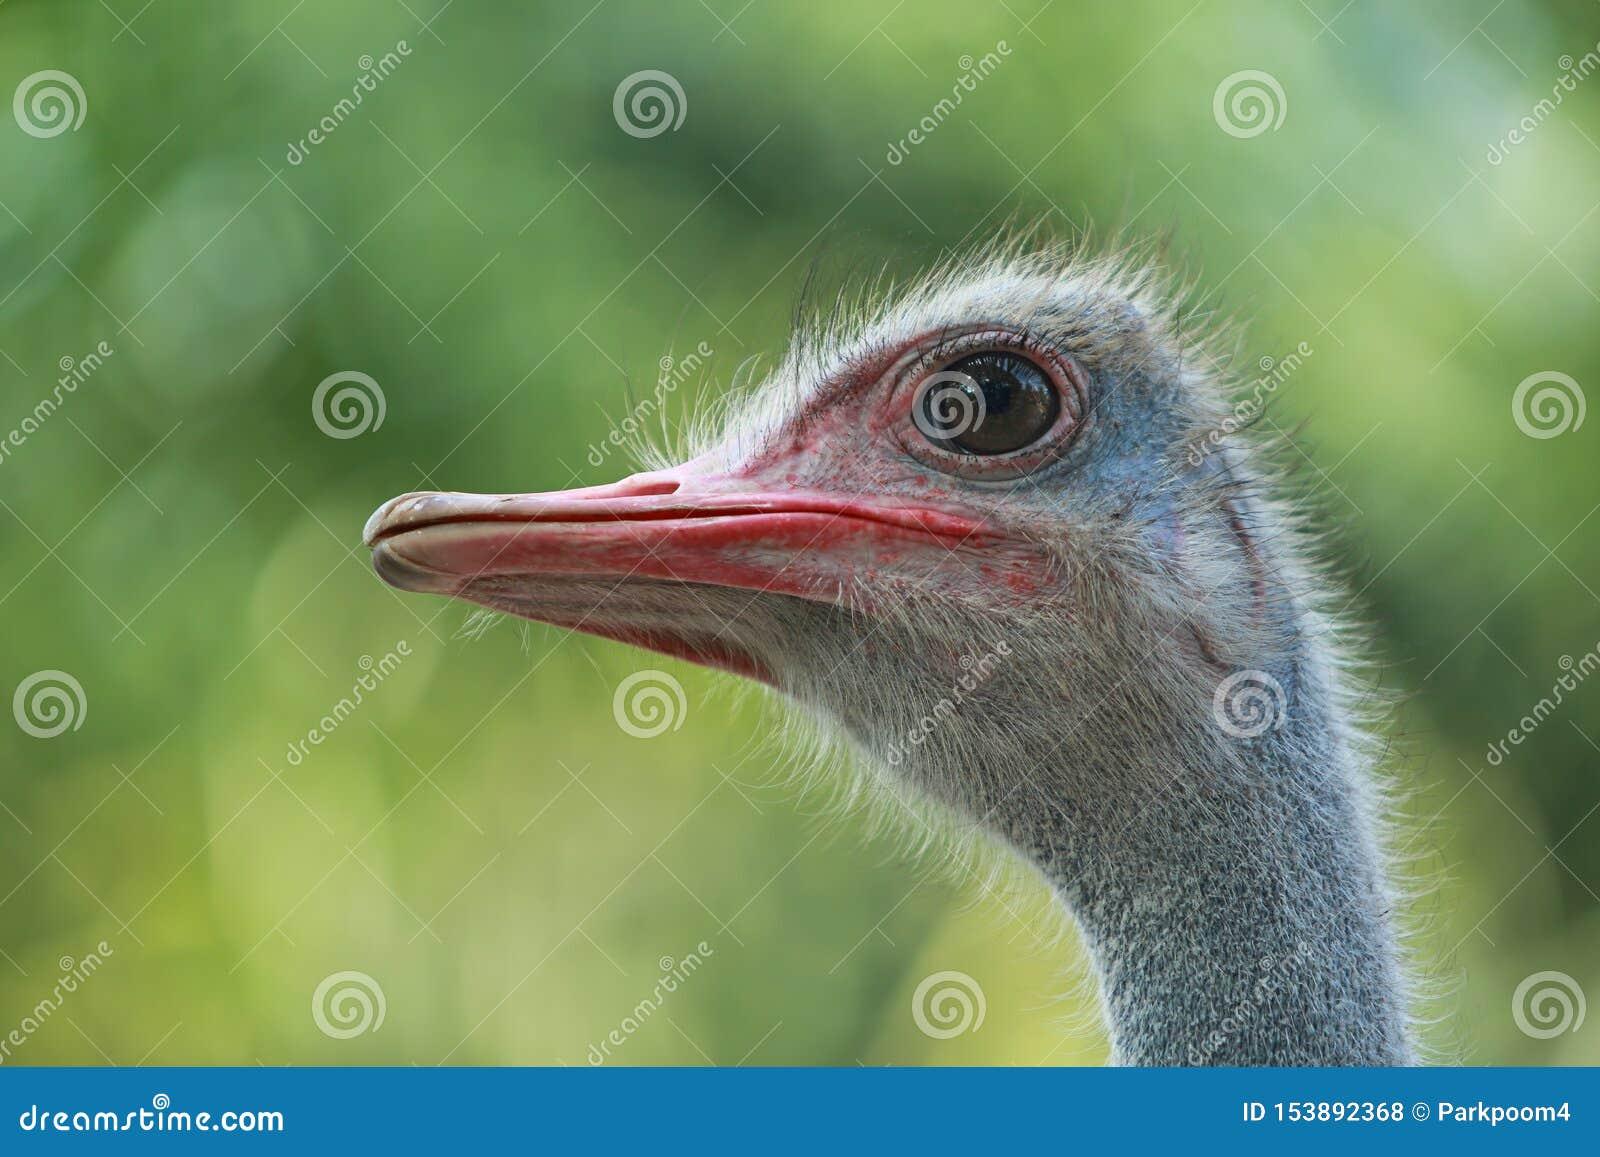 Close up Ostrich in nature